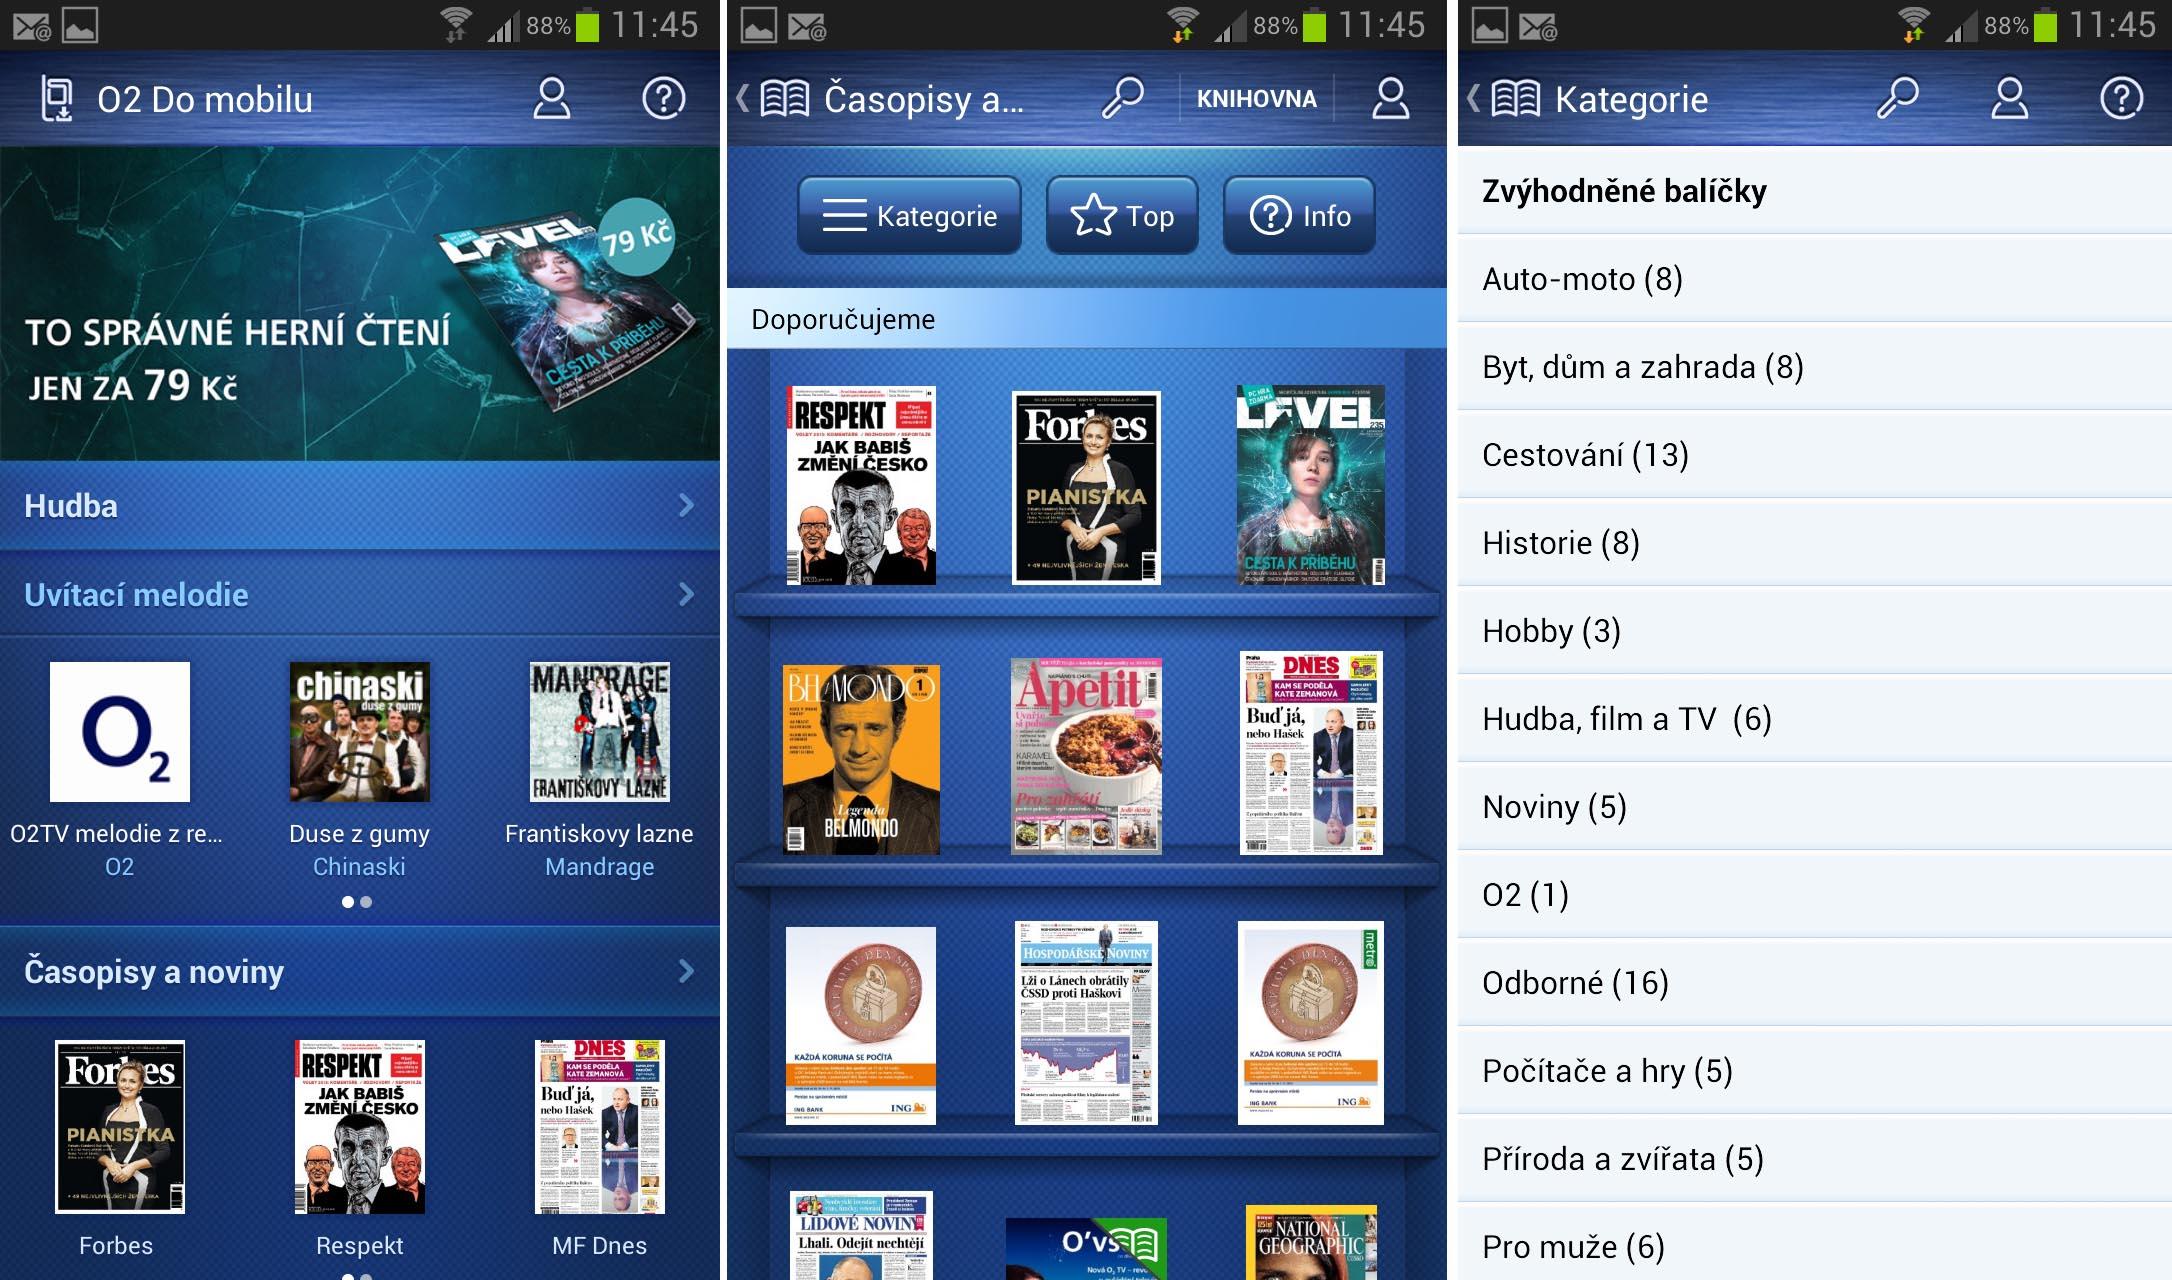 Aplikace O2 Do mobilu, jejíž součástí je i nabídka novin a časopisů O2 Čtení